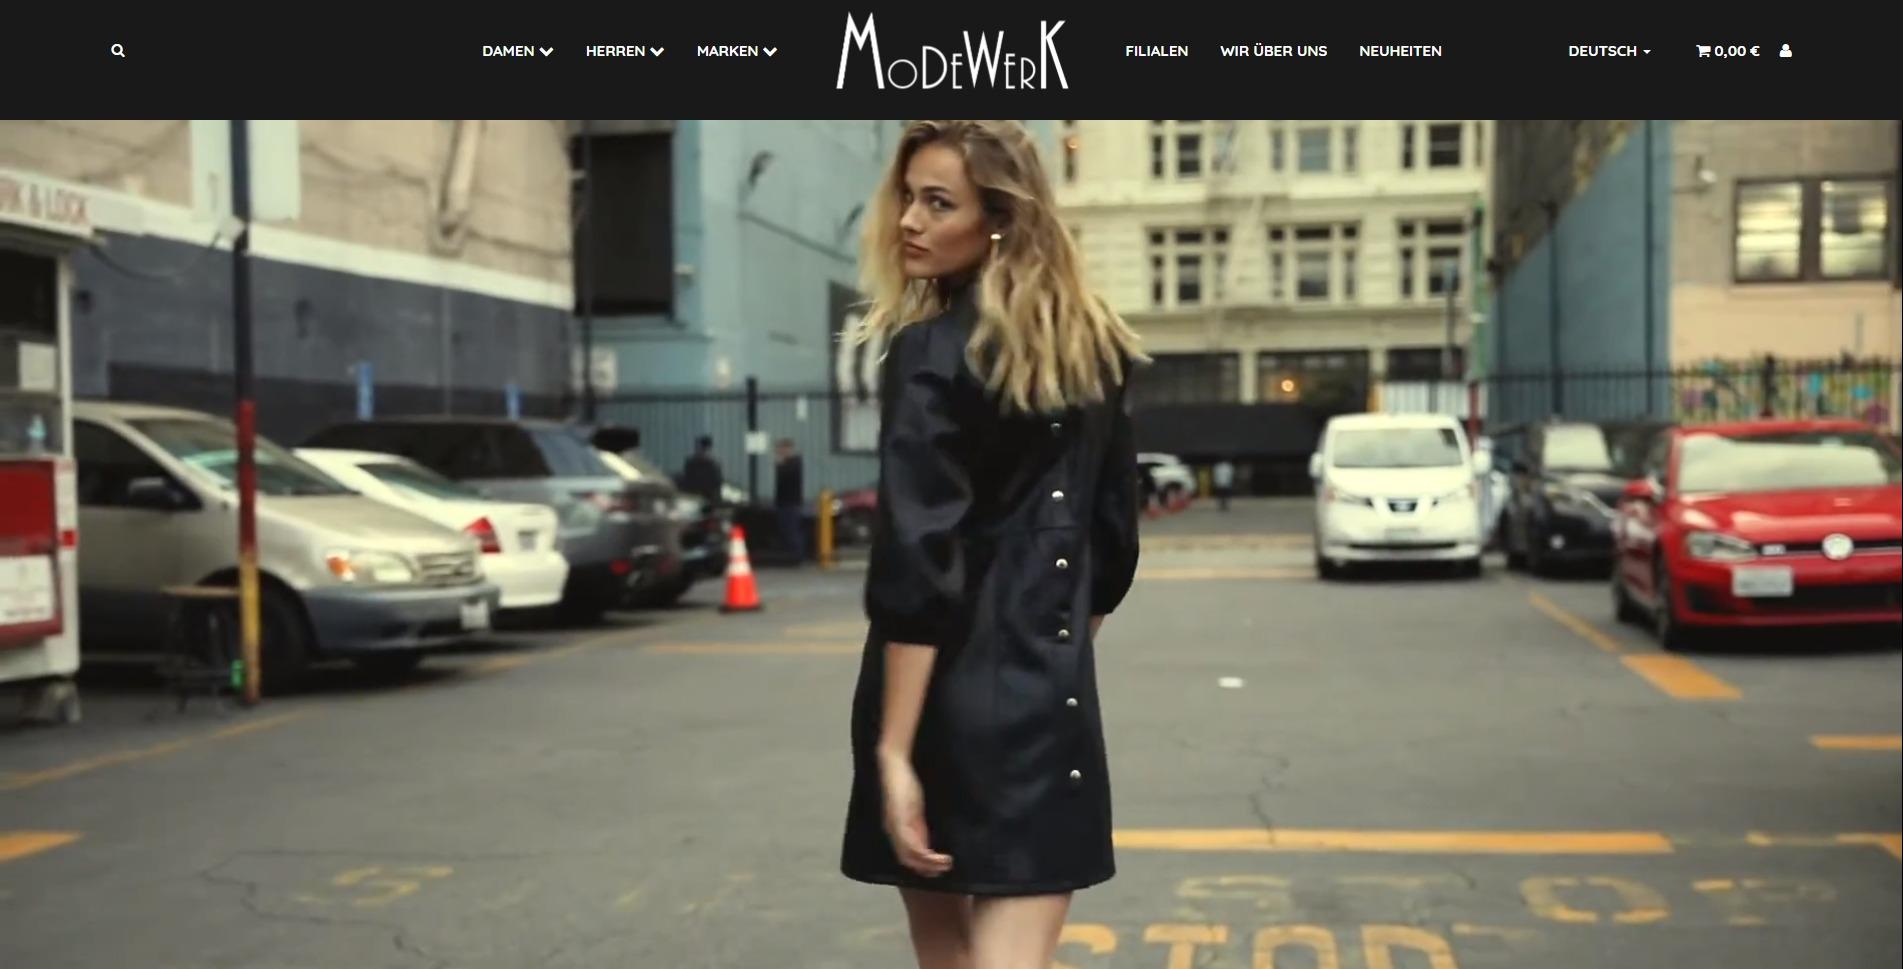 modewerk.it